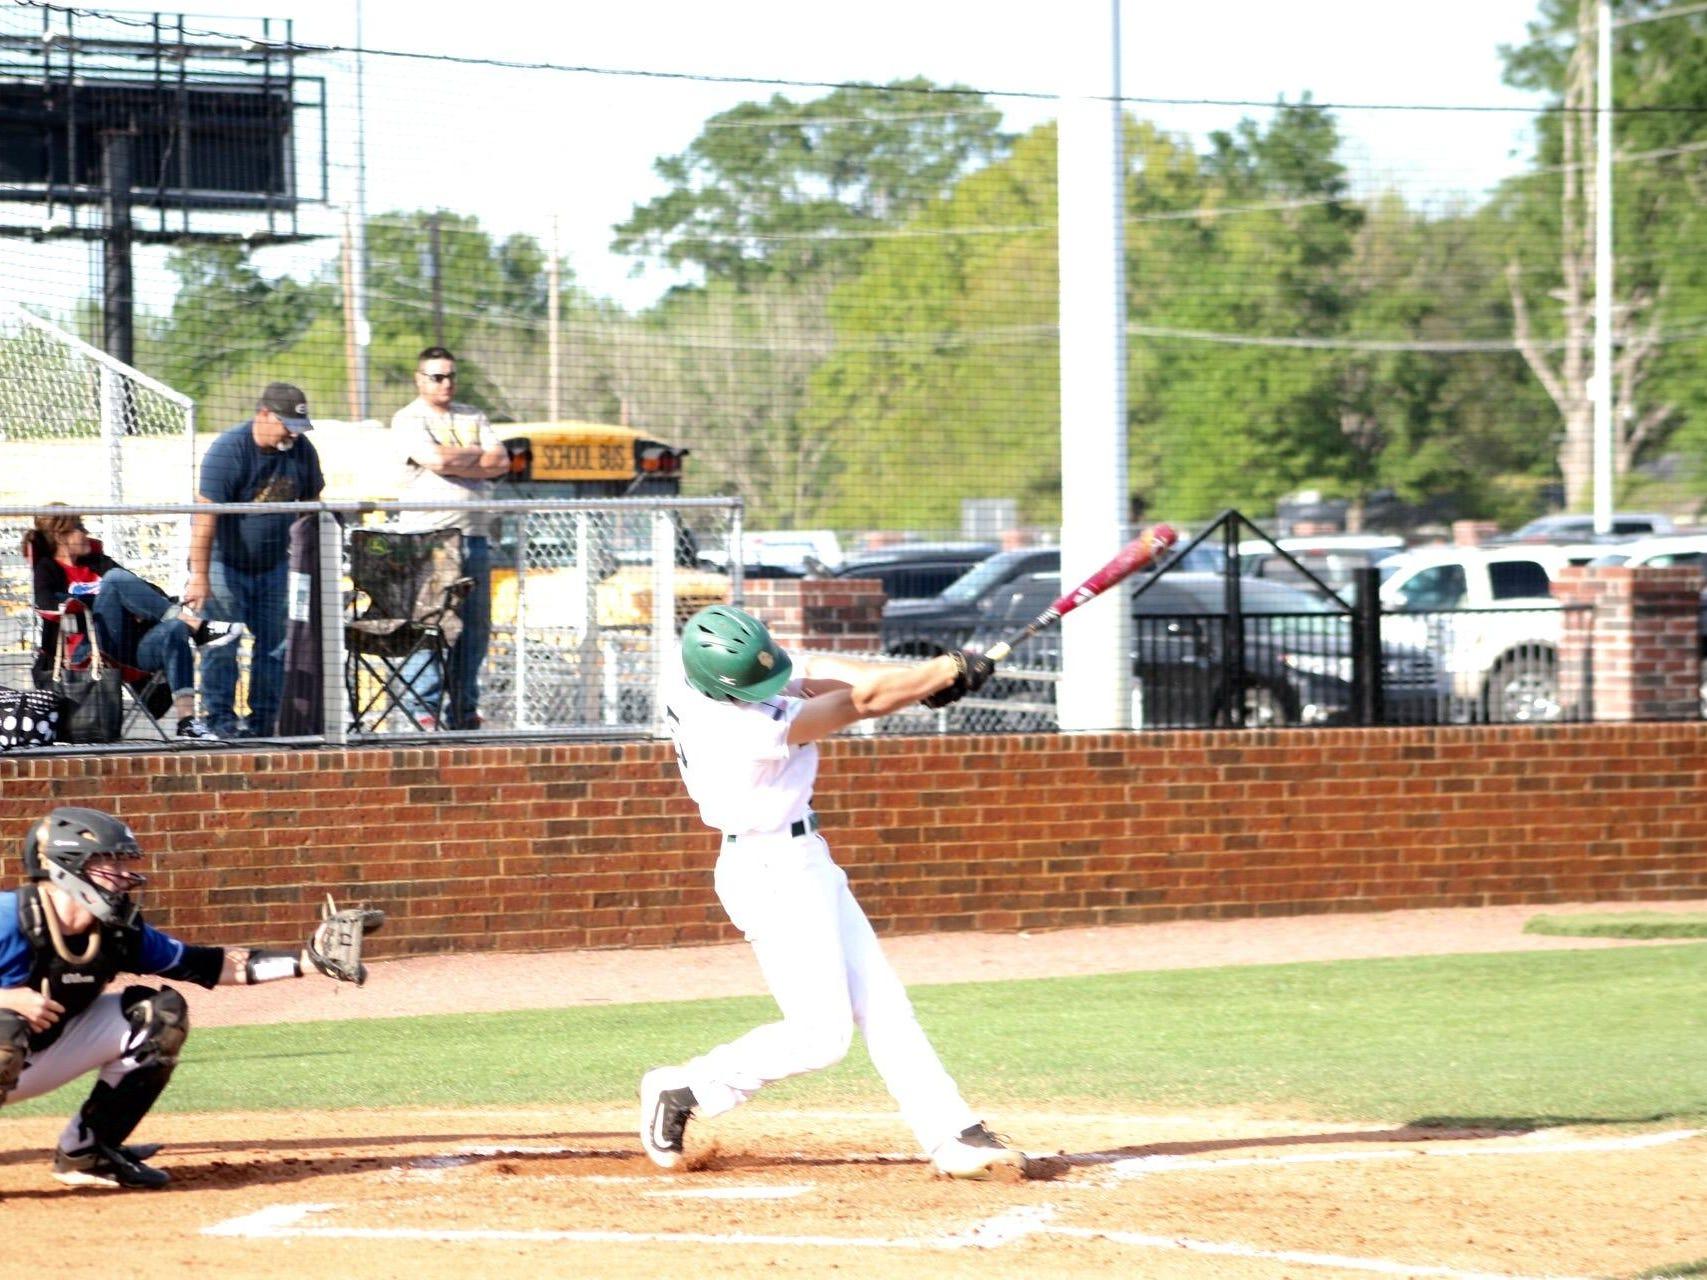 Ouachita Christian hosted Evangel Christian in baseball action Friday in Monroe.